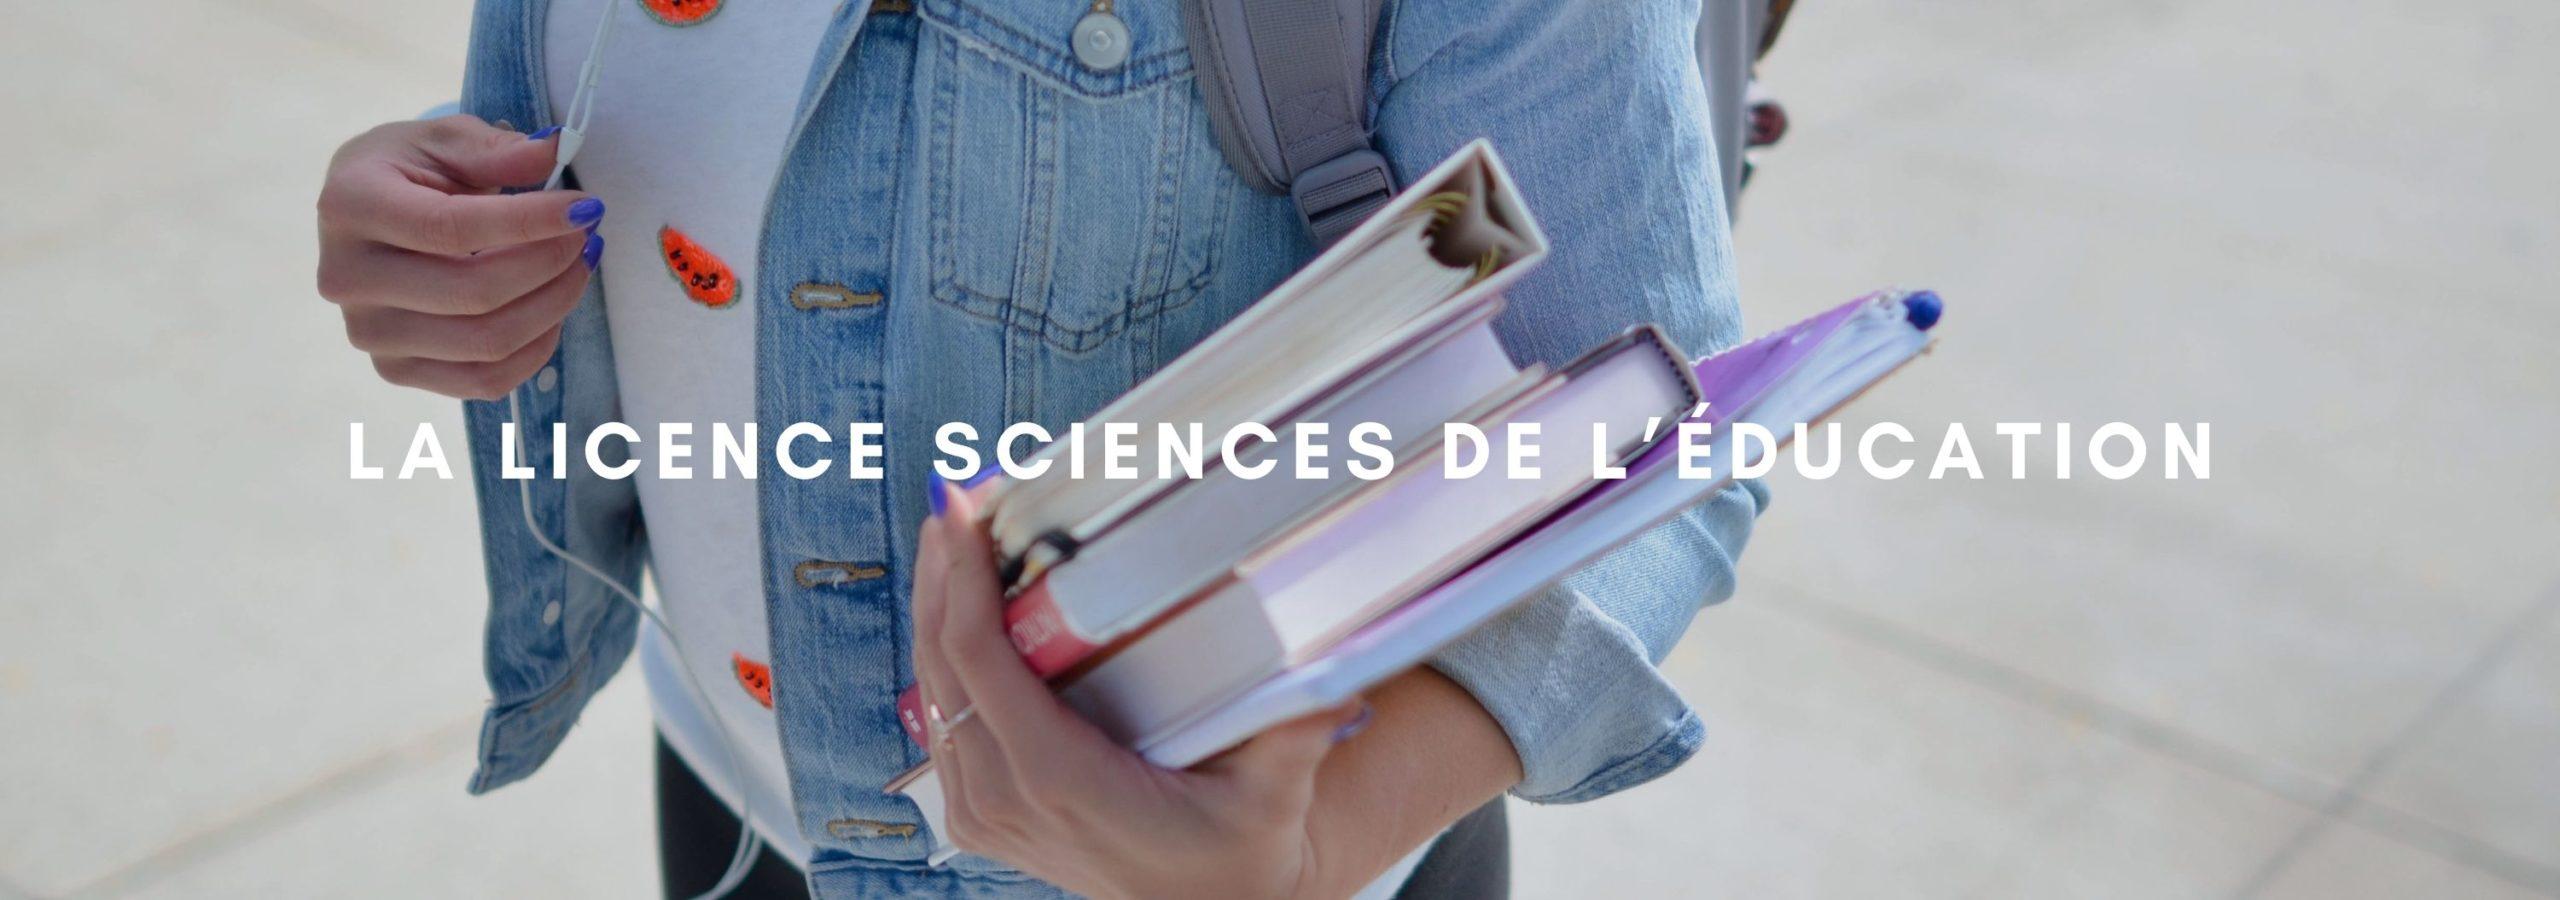 La Licence Sciences de l'Éducation